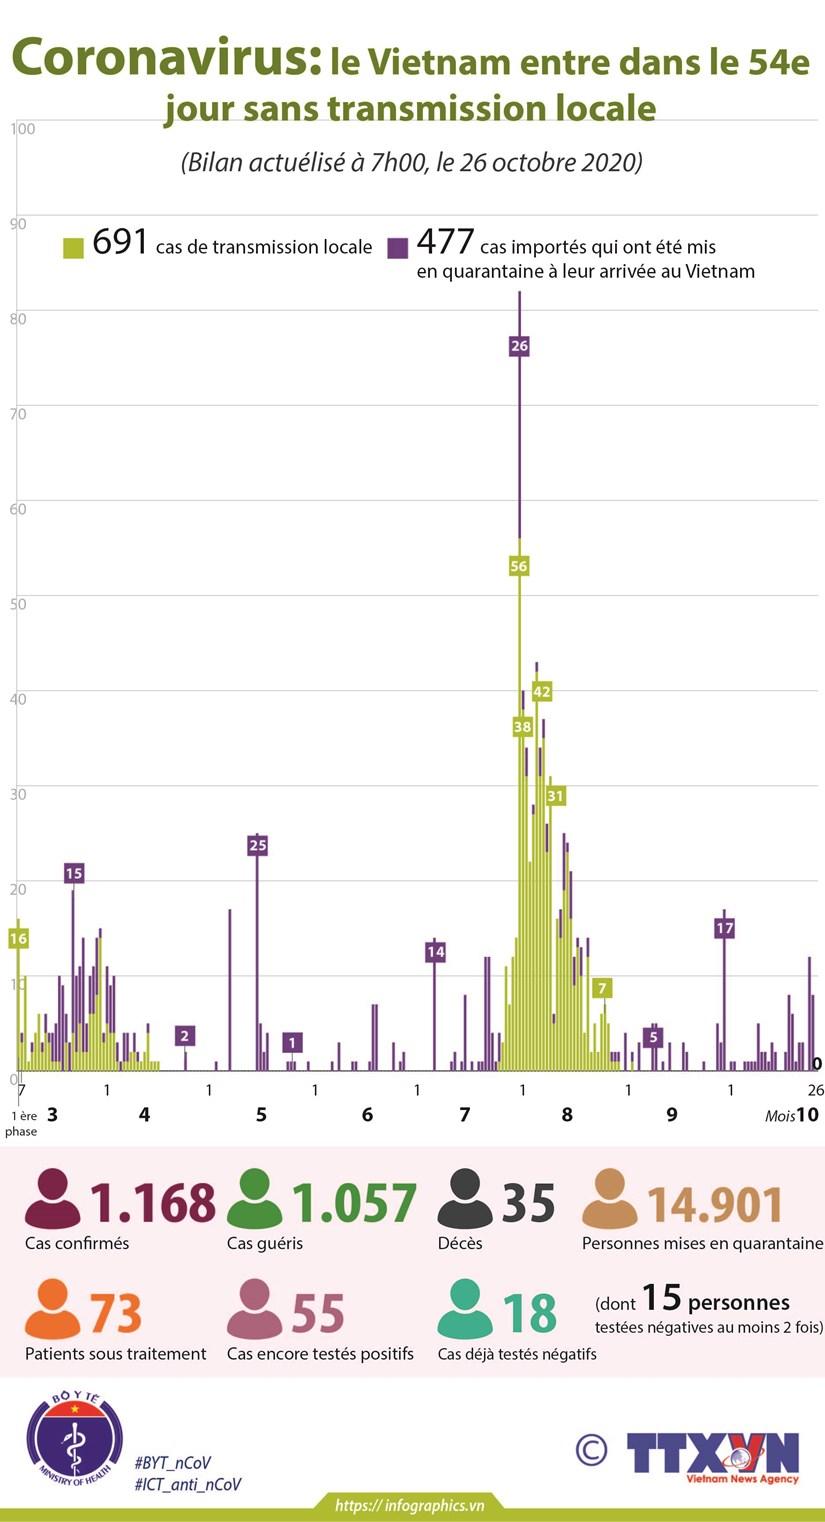 Coronavirus: le Vietnam entre dans le 54e jour sans transmission locale hinh anh 1